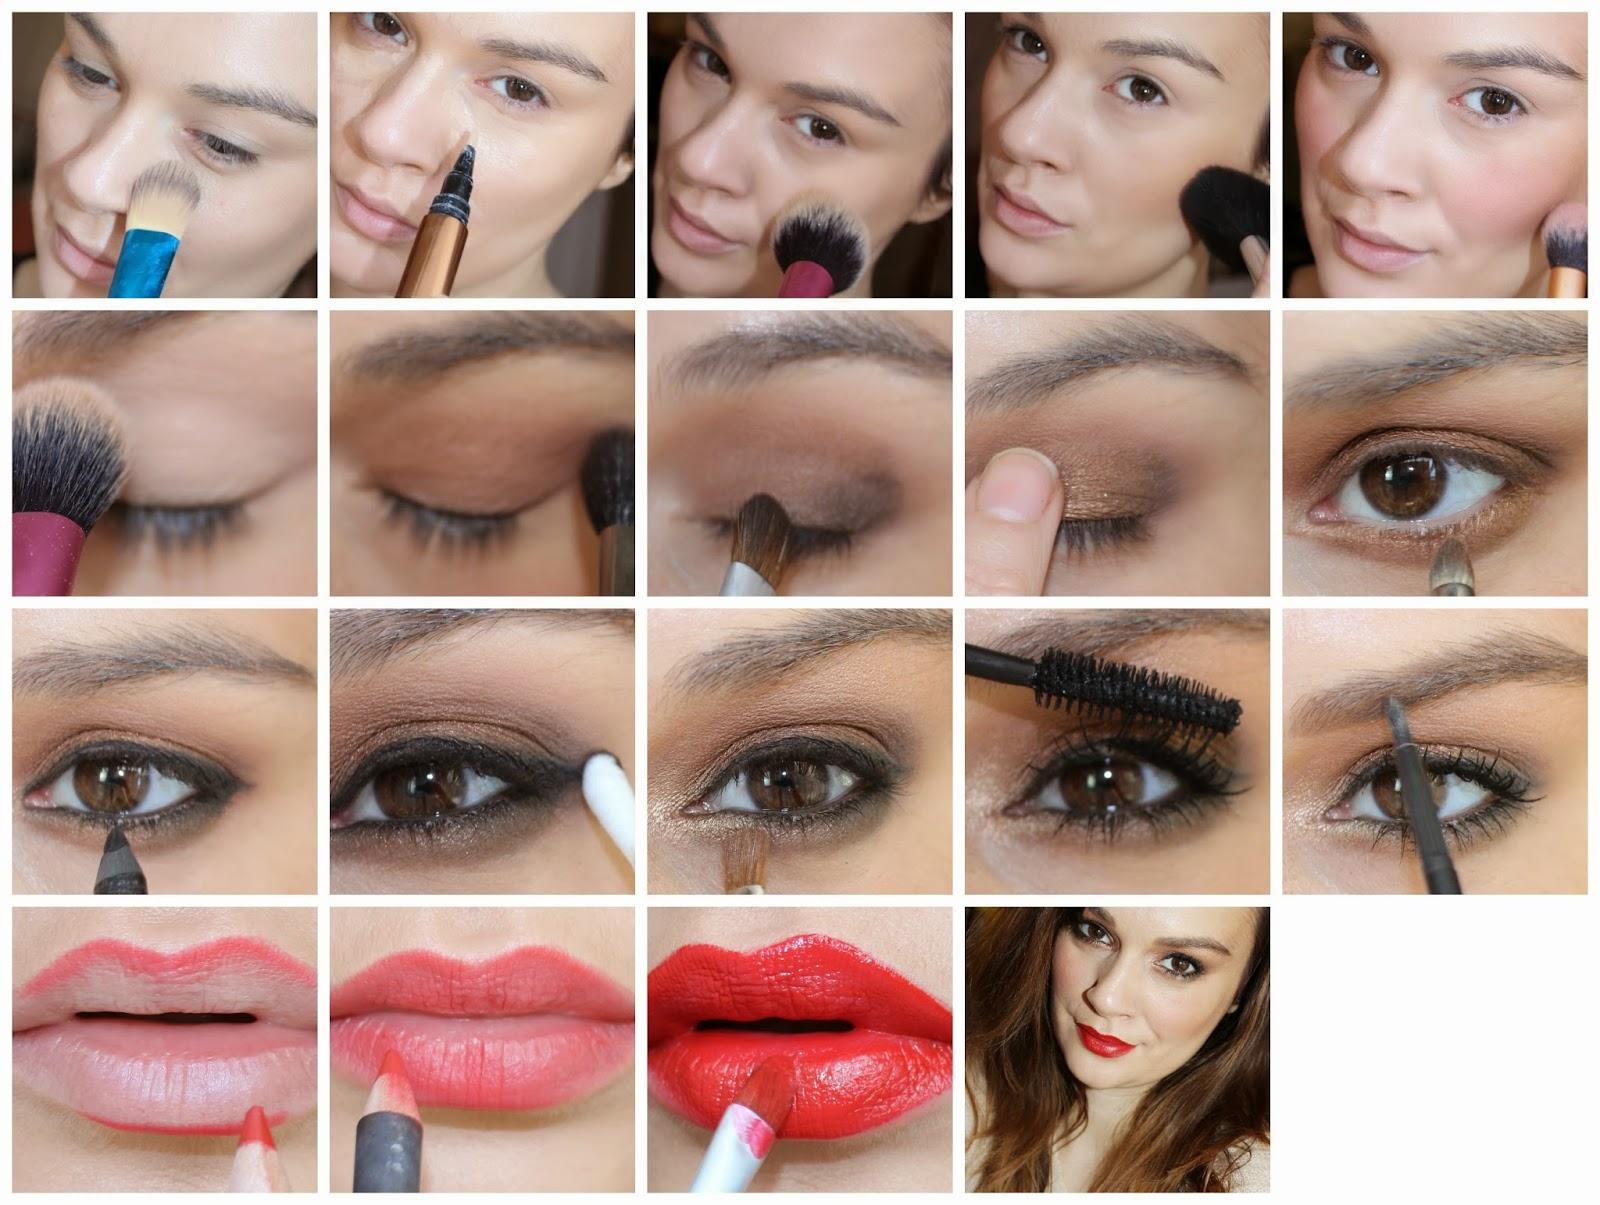 Как пошагово делать макияж в домашних условиях